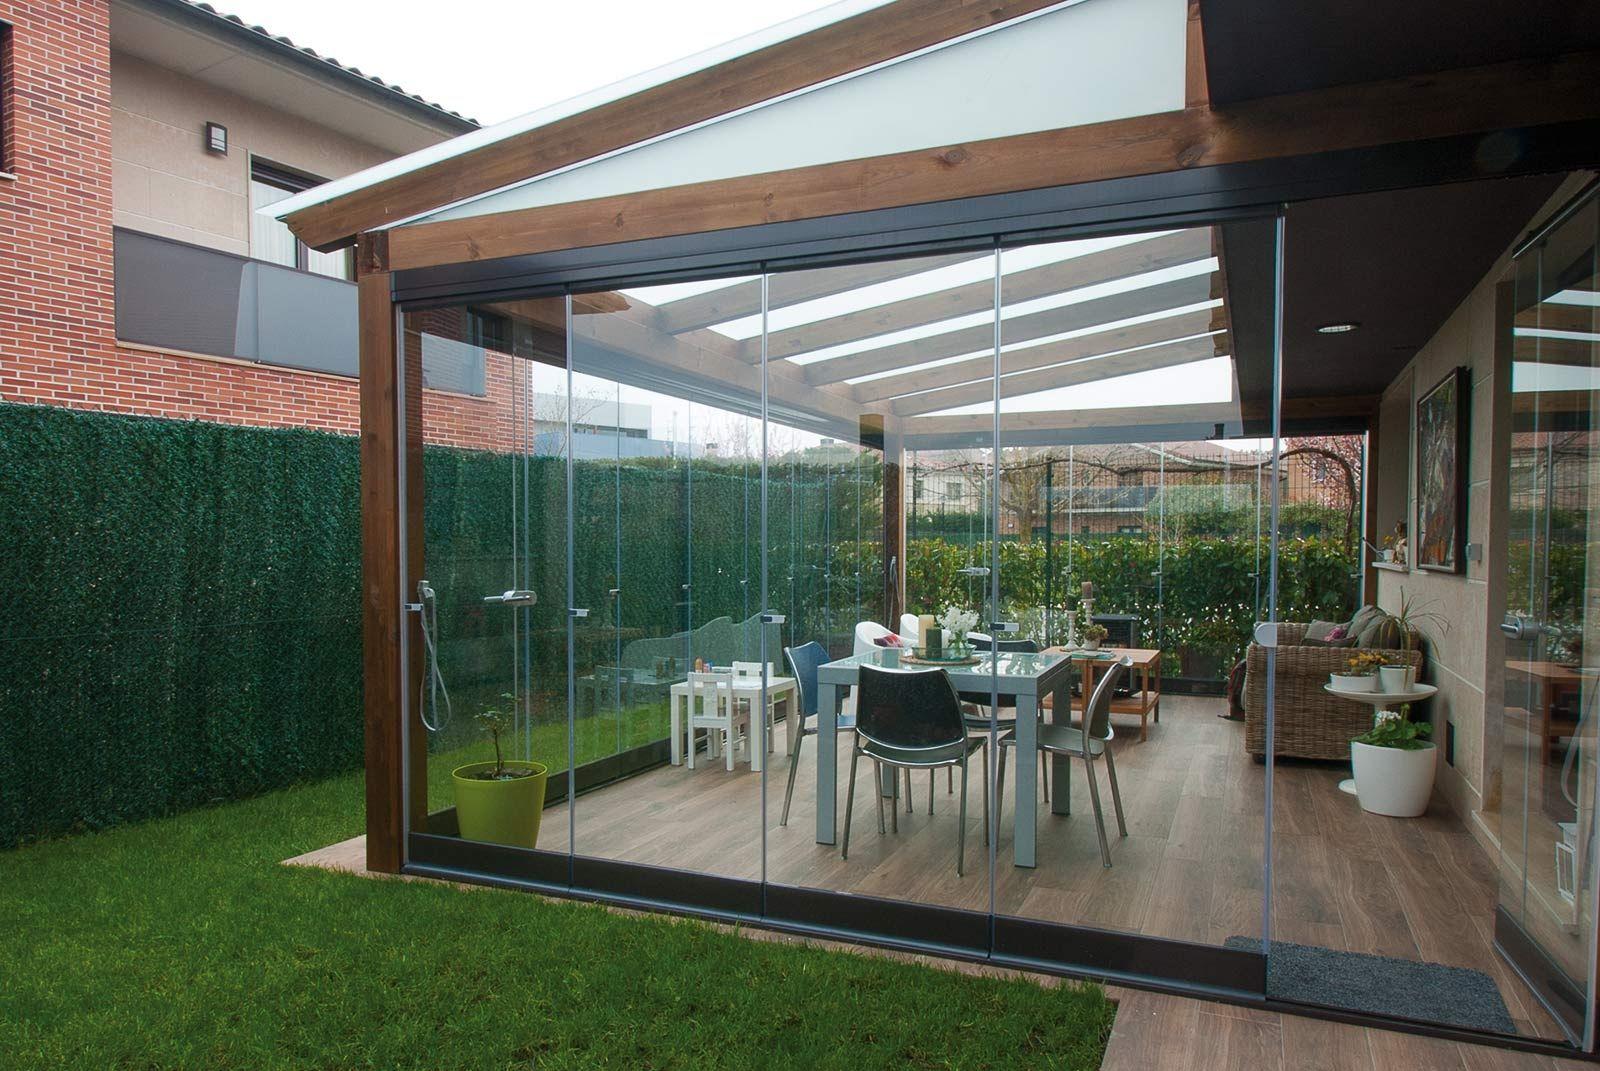 Tende Veranda Cristal : Image result for porches cerrados de cristal home ideas